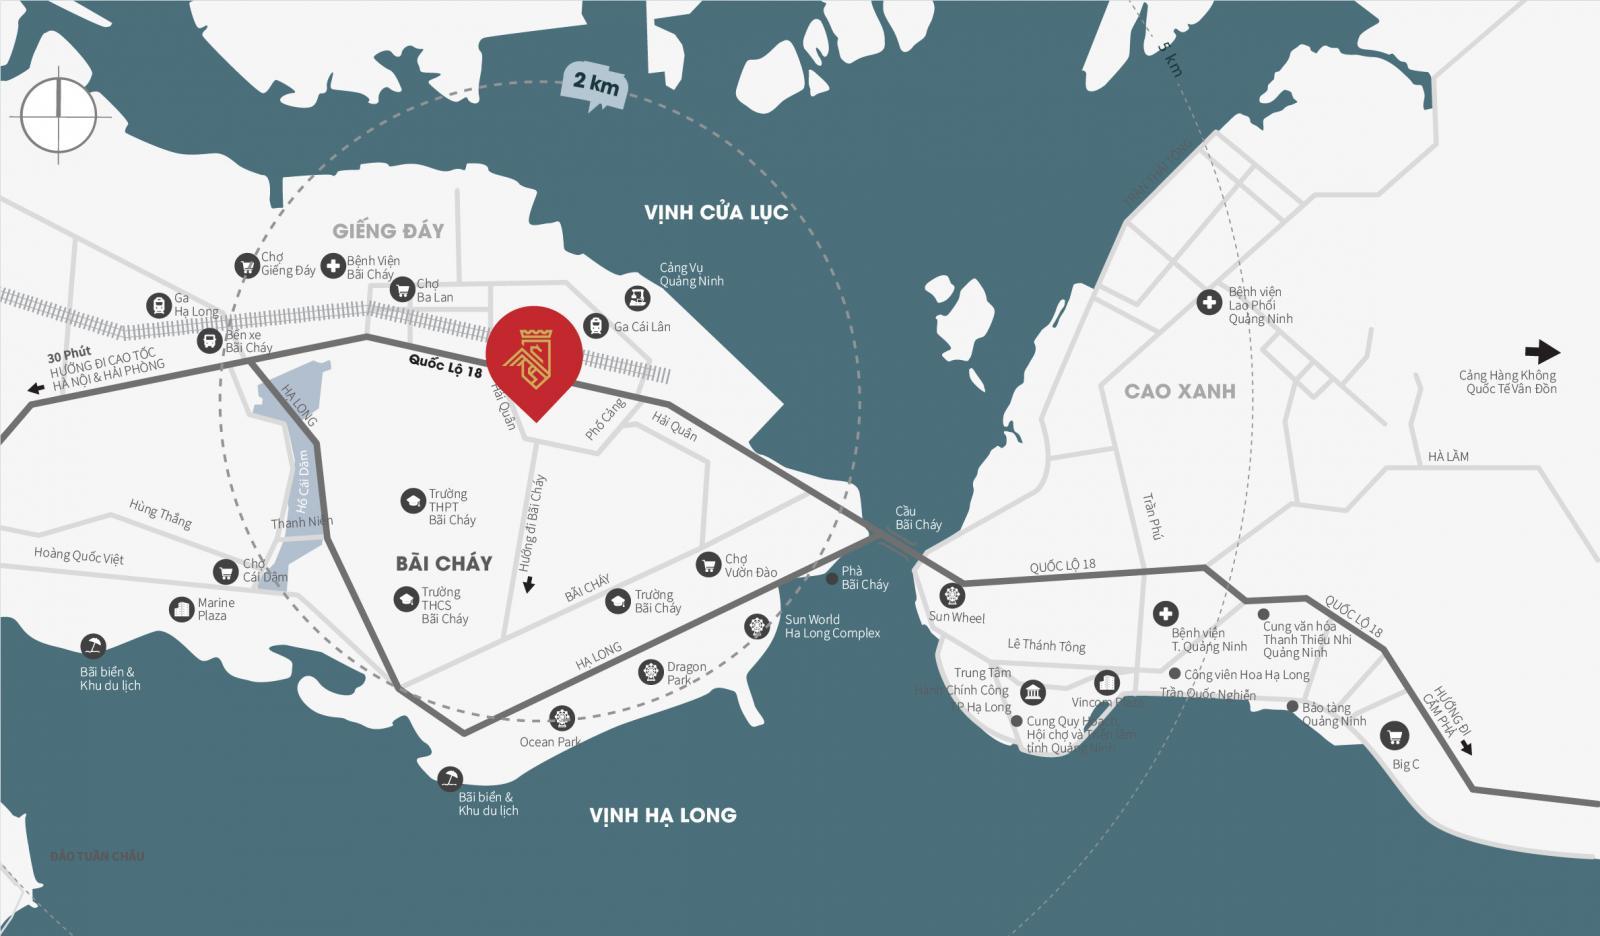 Vị trí dự án The Dragon Castle trên bản đồ